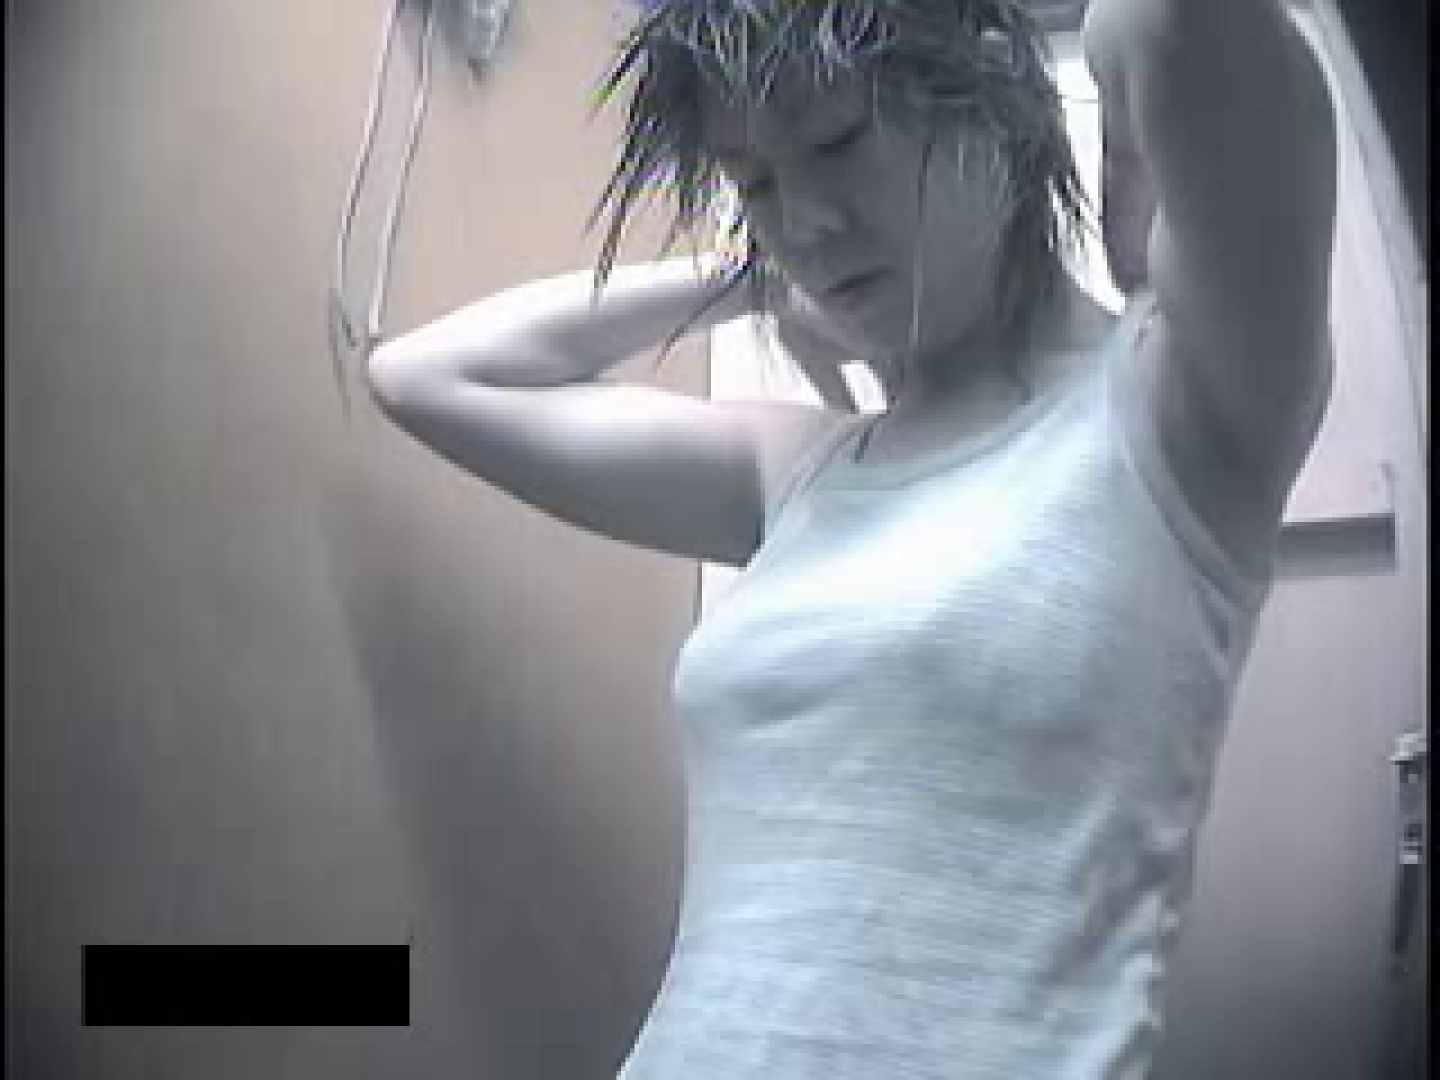 夏女盗撮!シャワールーム全身撮り シャワー ワレメ無修正動画無料 104pic 95